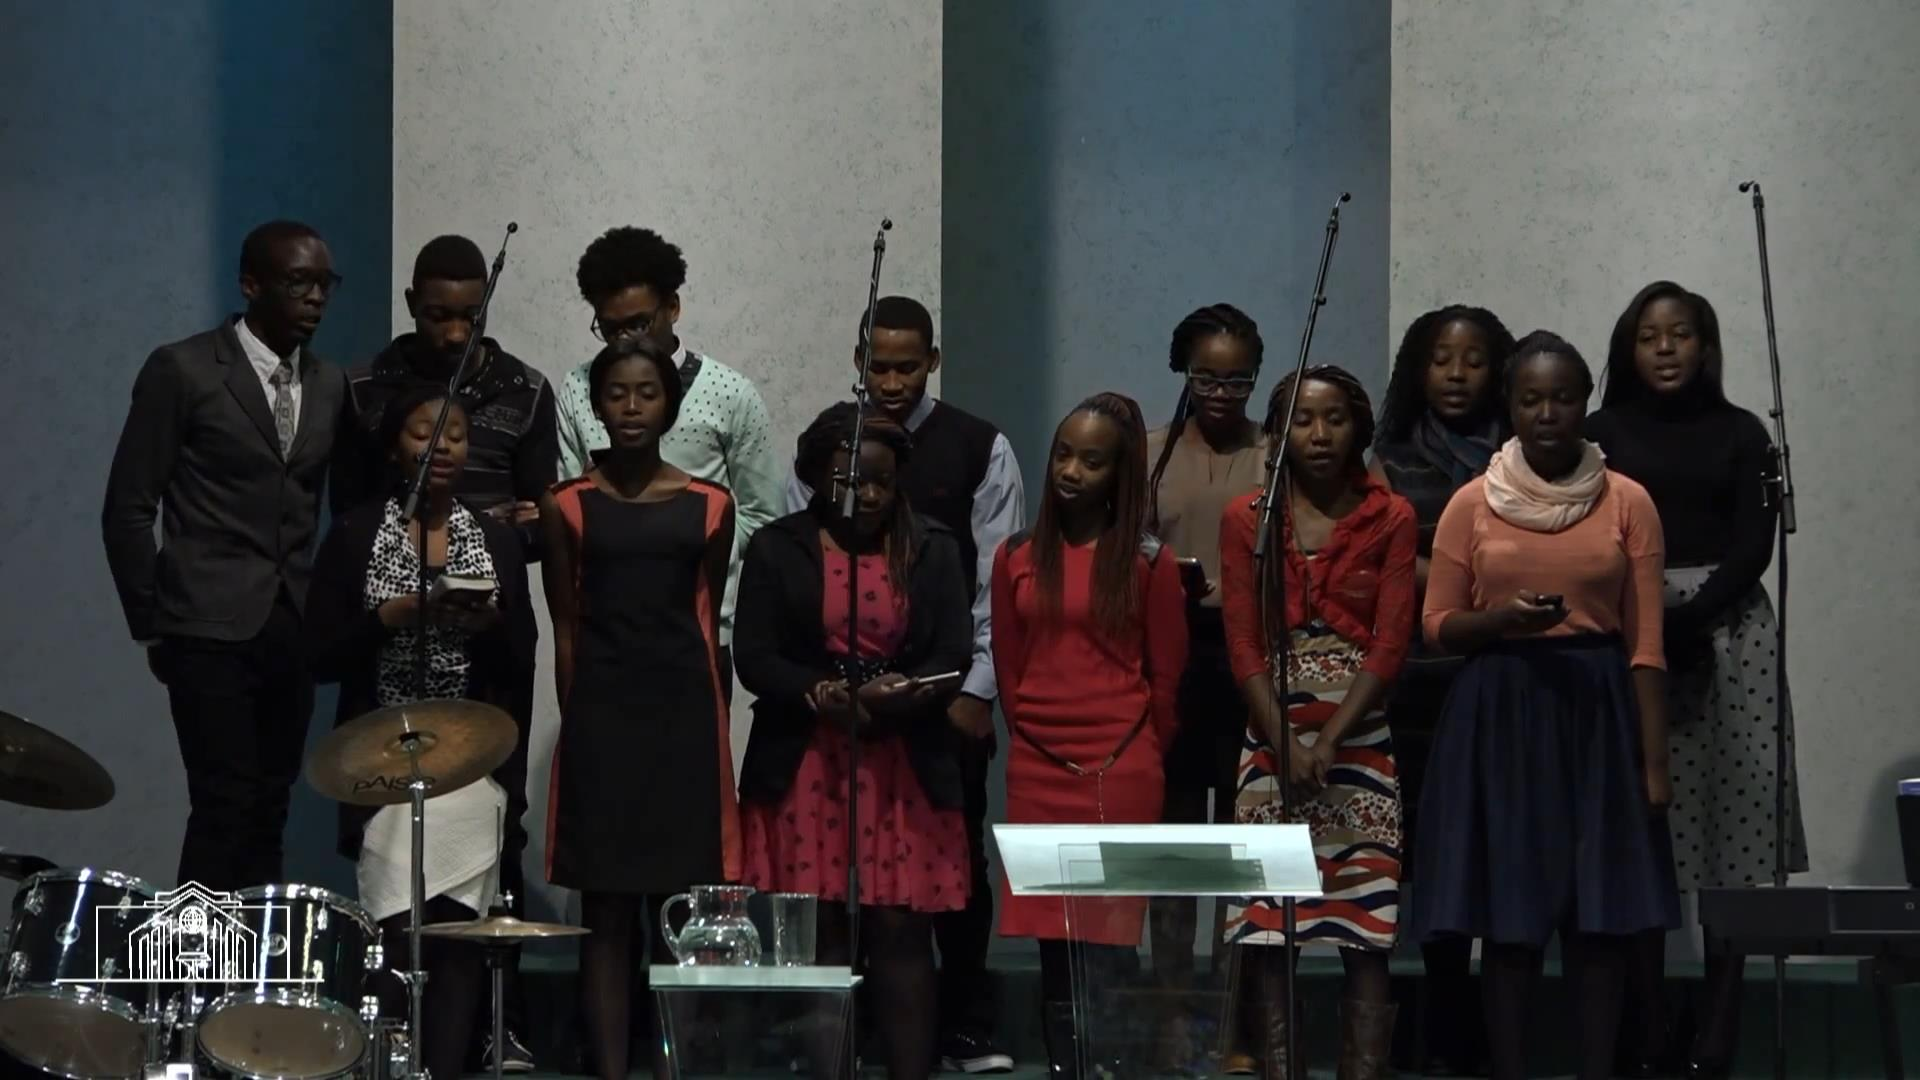 Хор африканской молодежи — «Господь мой Пастырь».mp4_snapshot_02.20_[2016.03.28_16.11.03]